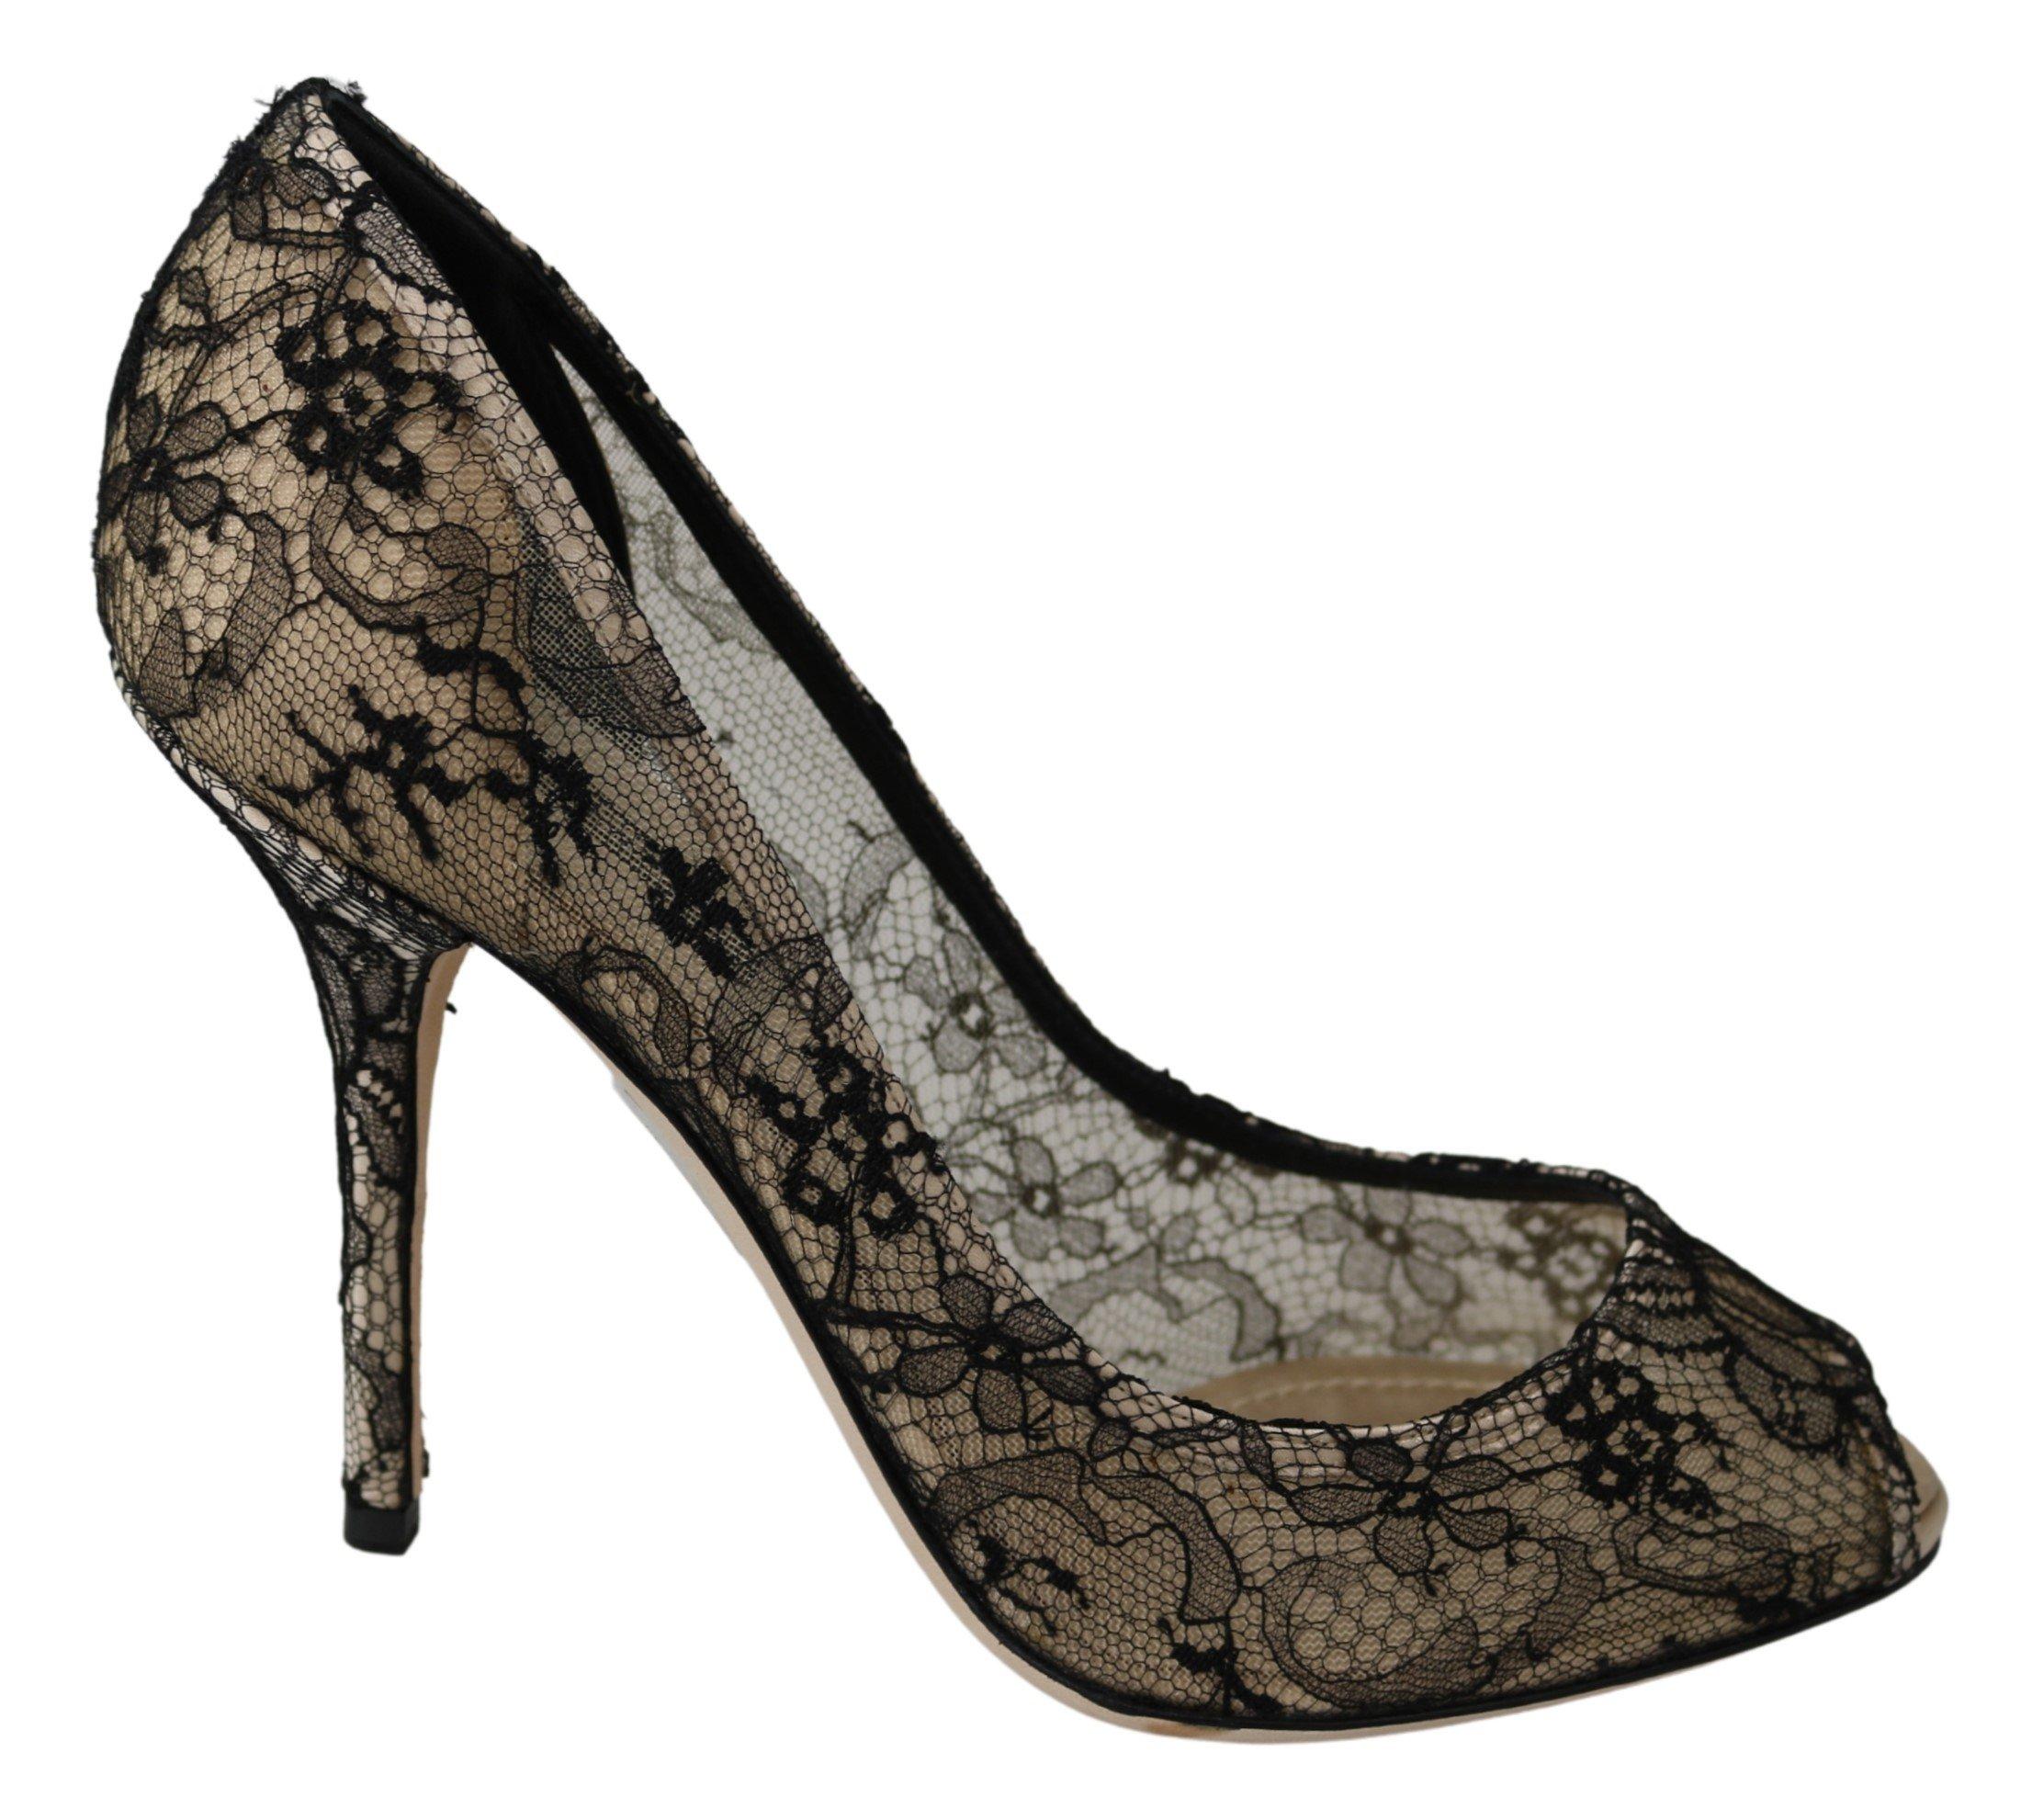 Gold Black Lace Stiletto Heels Pumps Shoes - EU38.5/US8